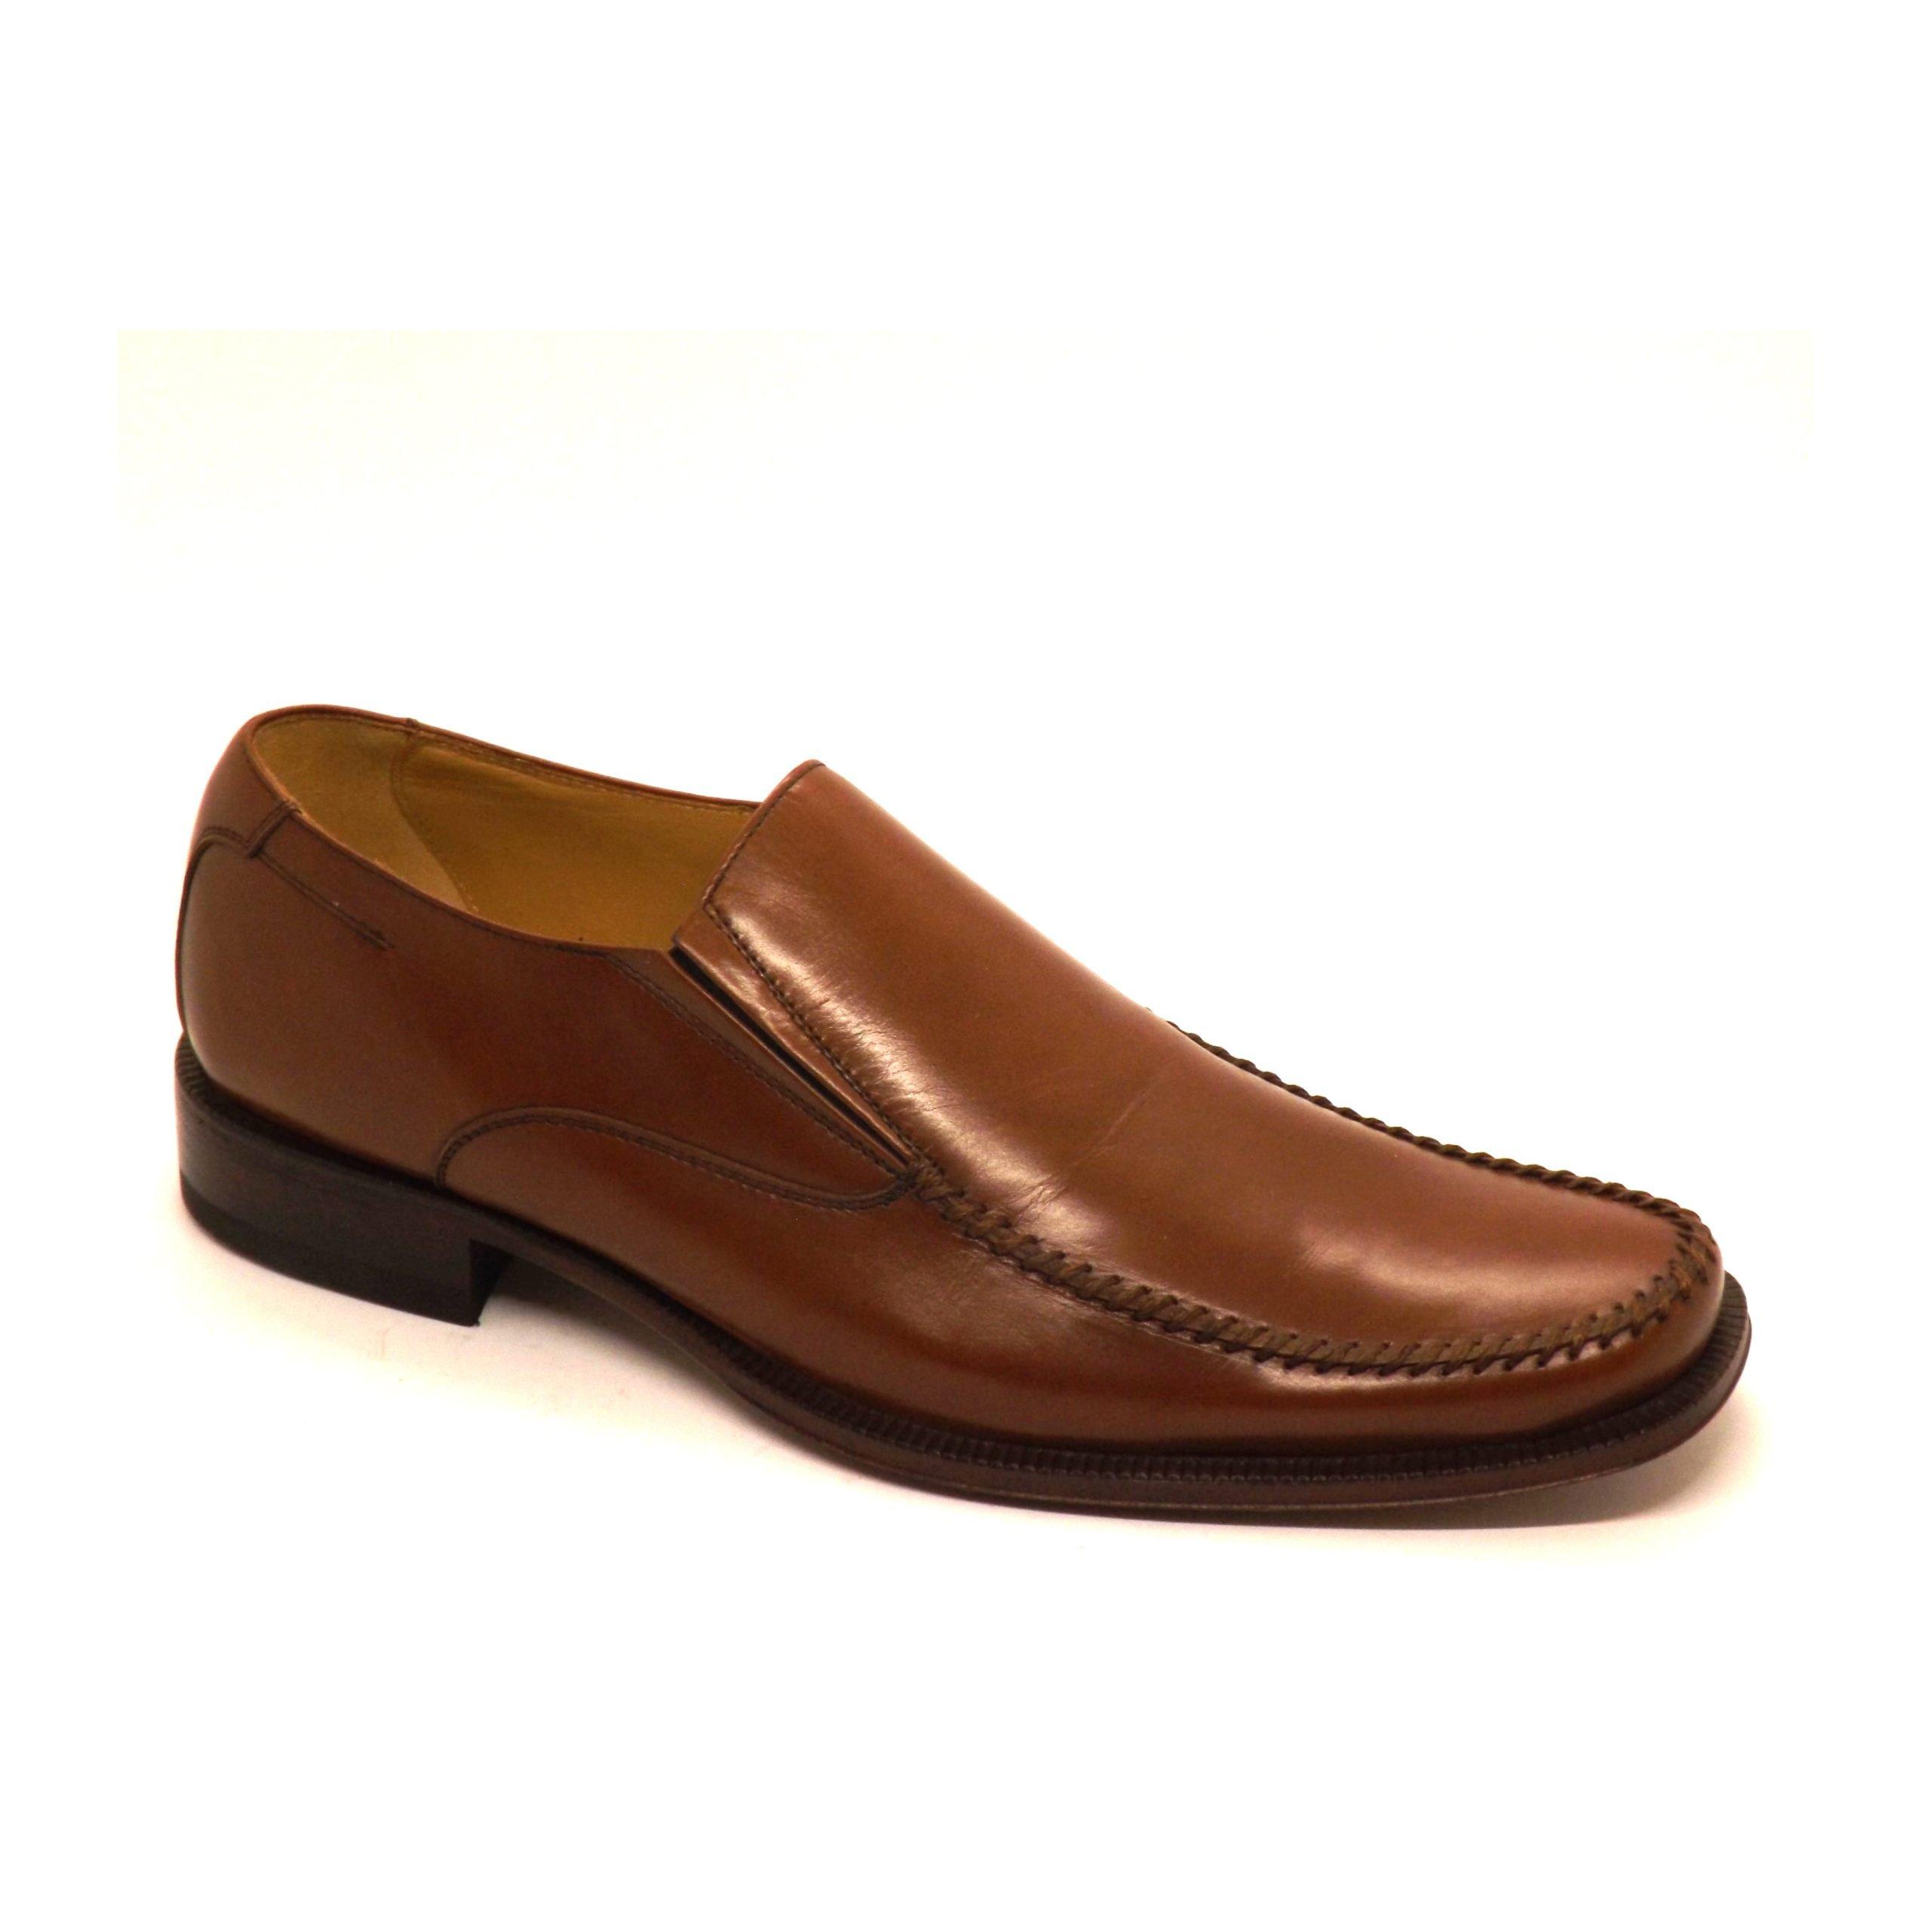 Zapato k Torsi Roble